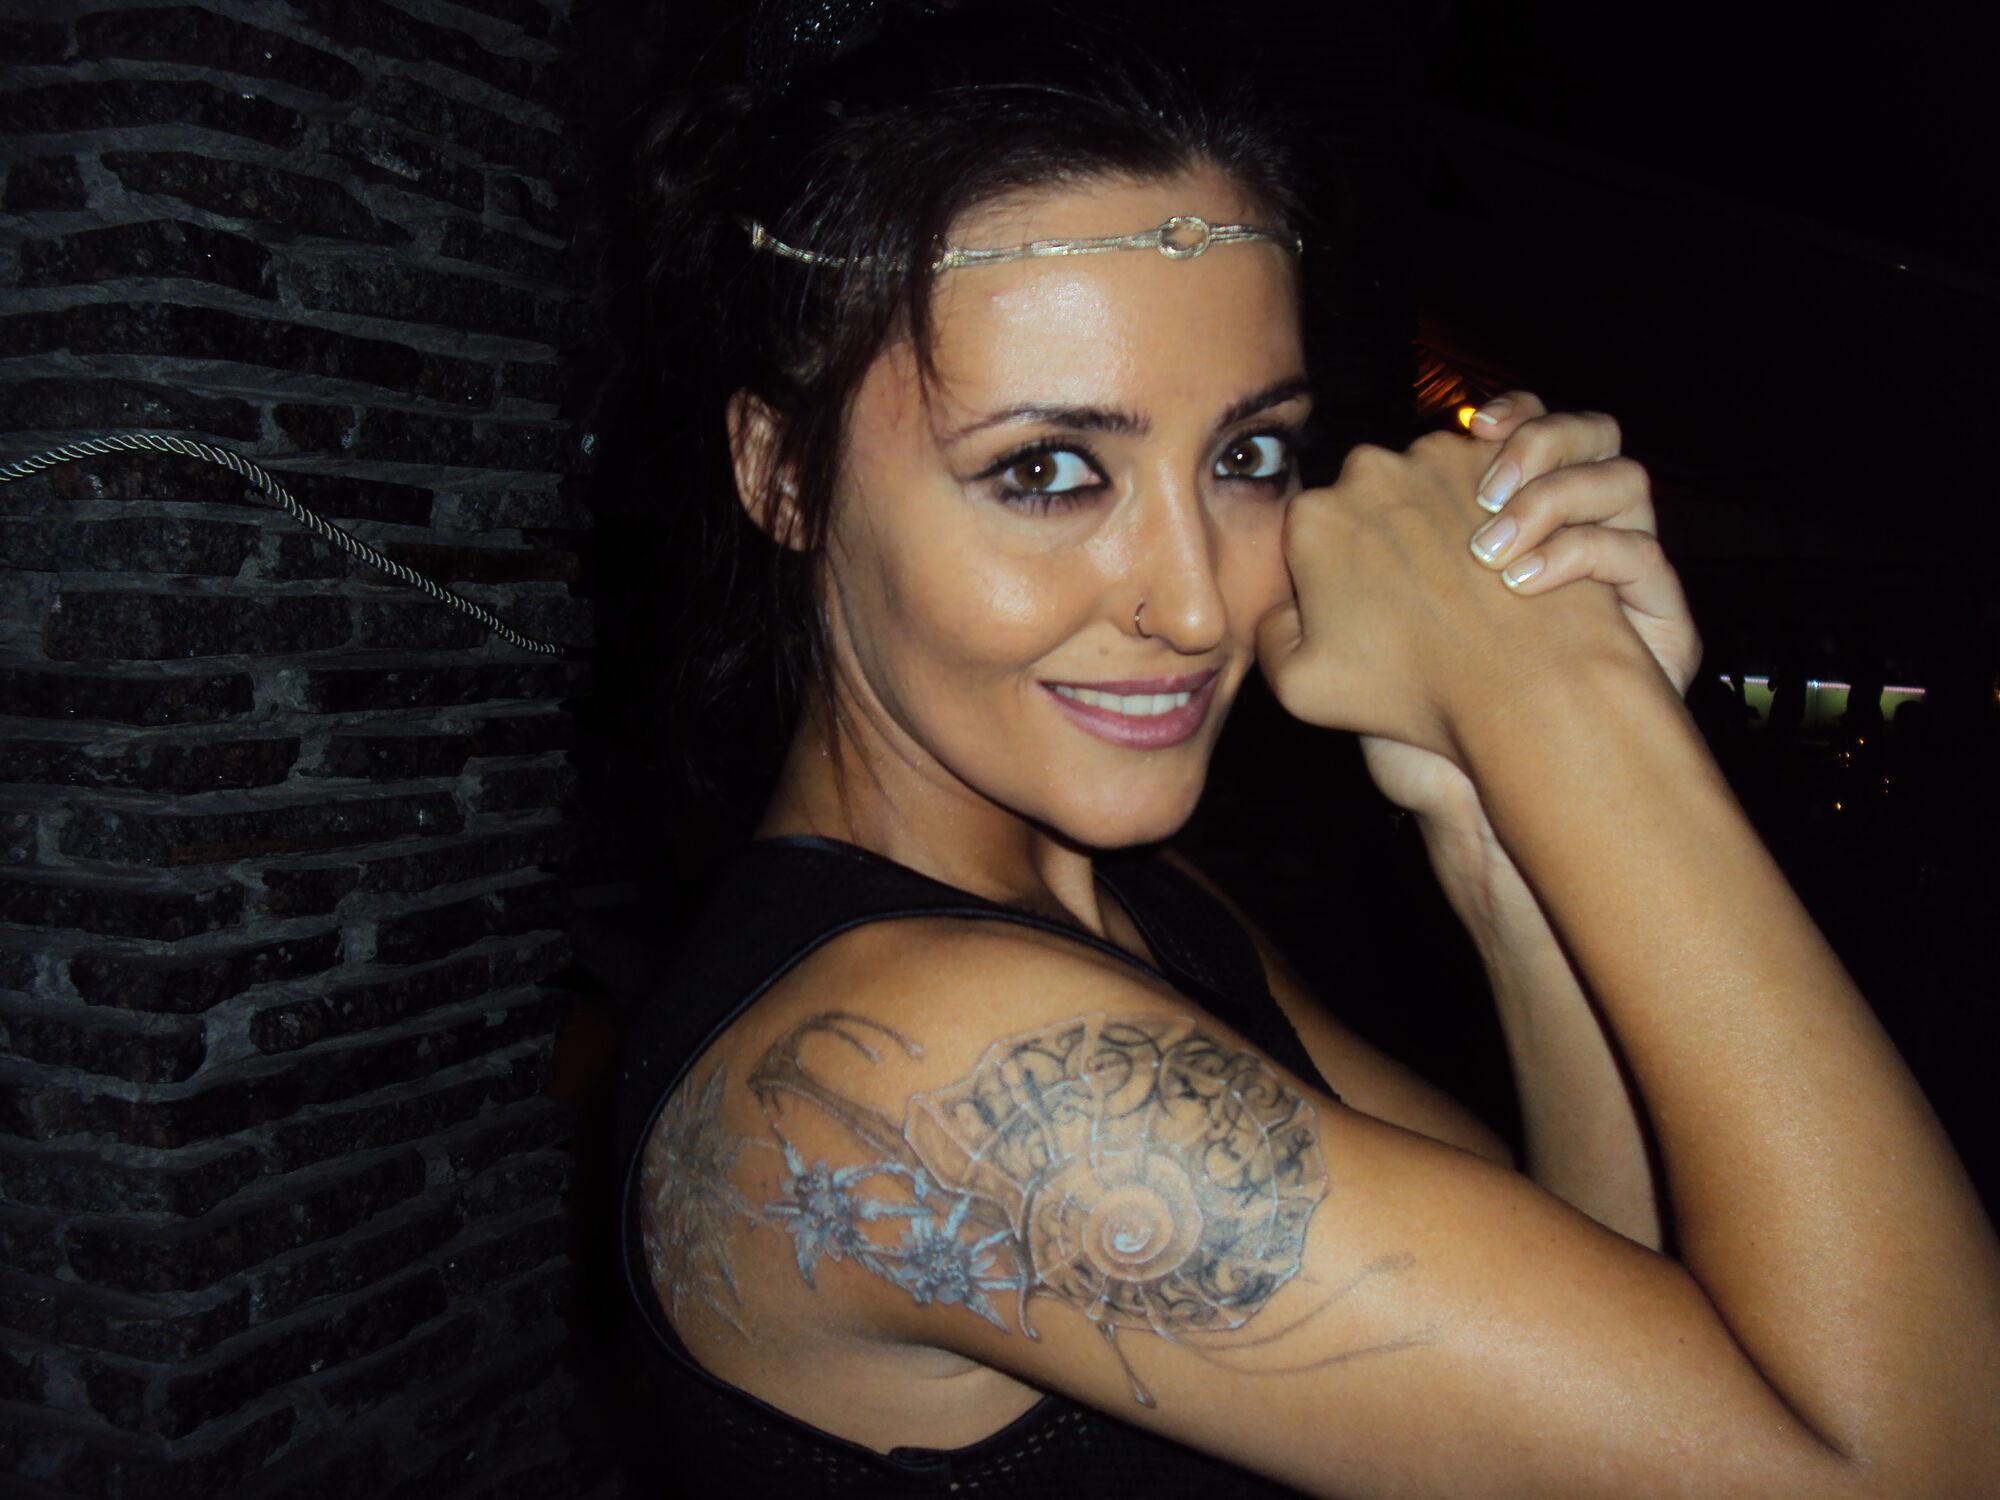 Солистка «Пара нормальных» сделала татуировку